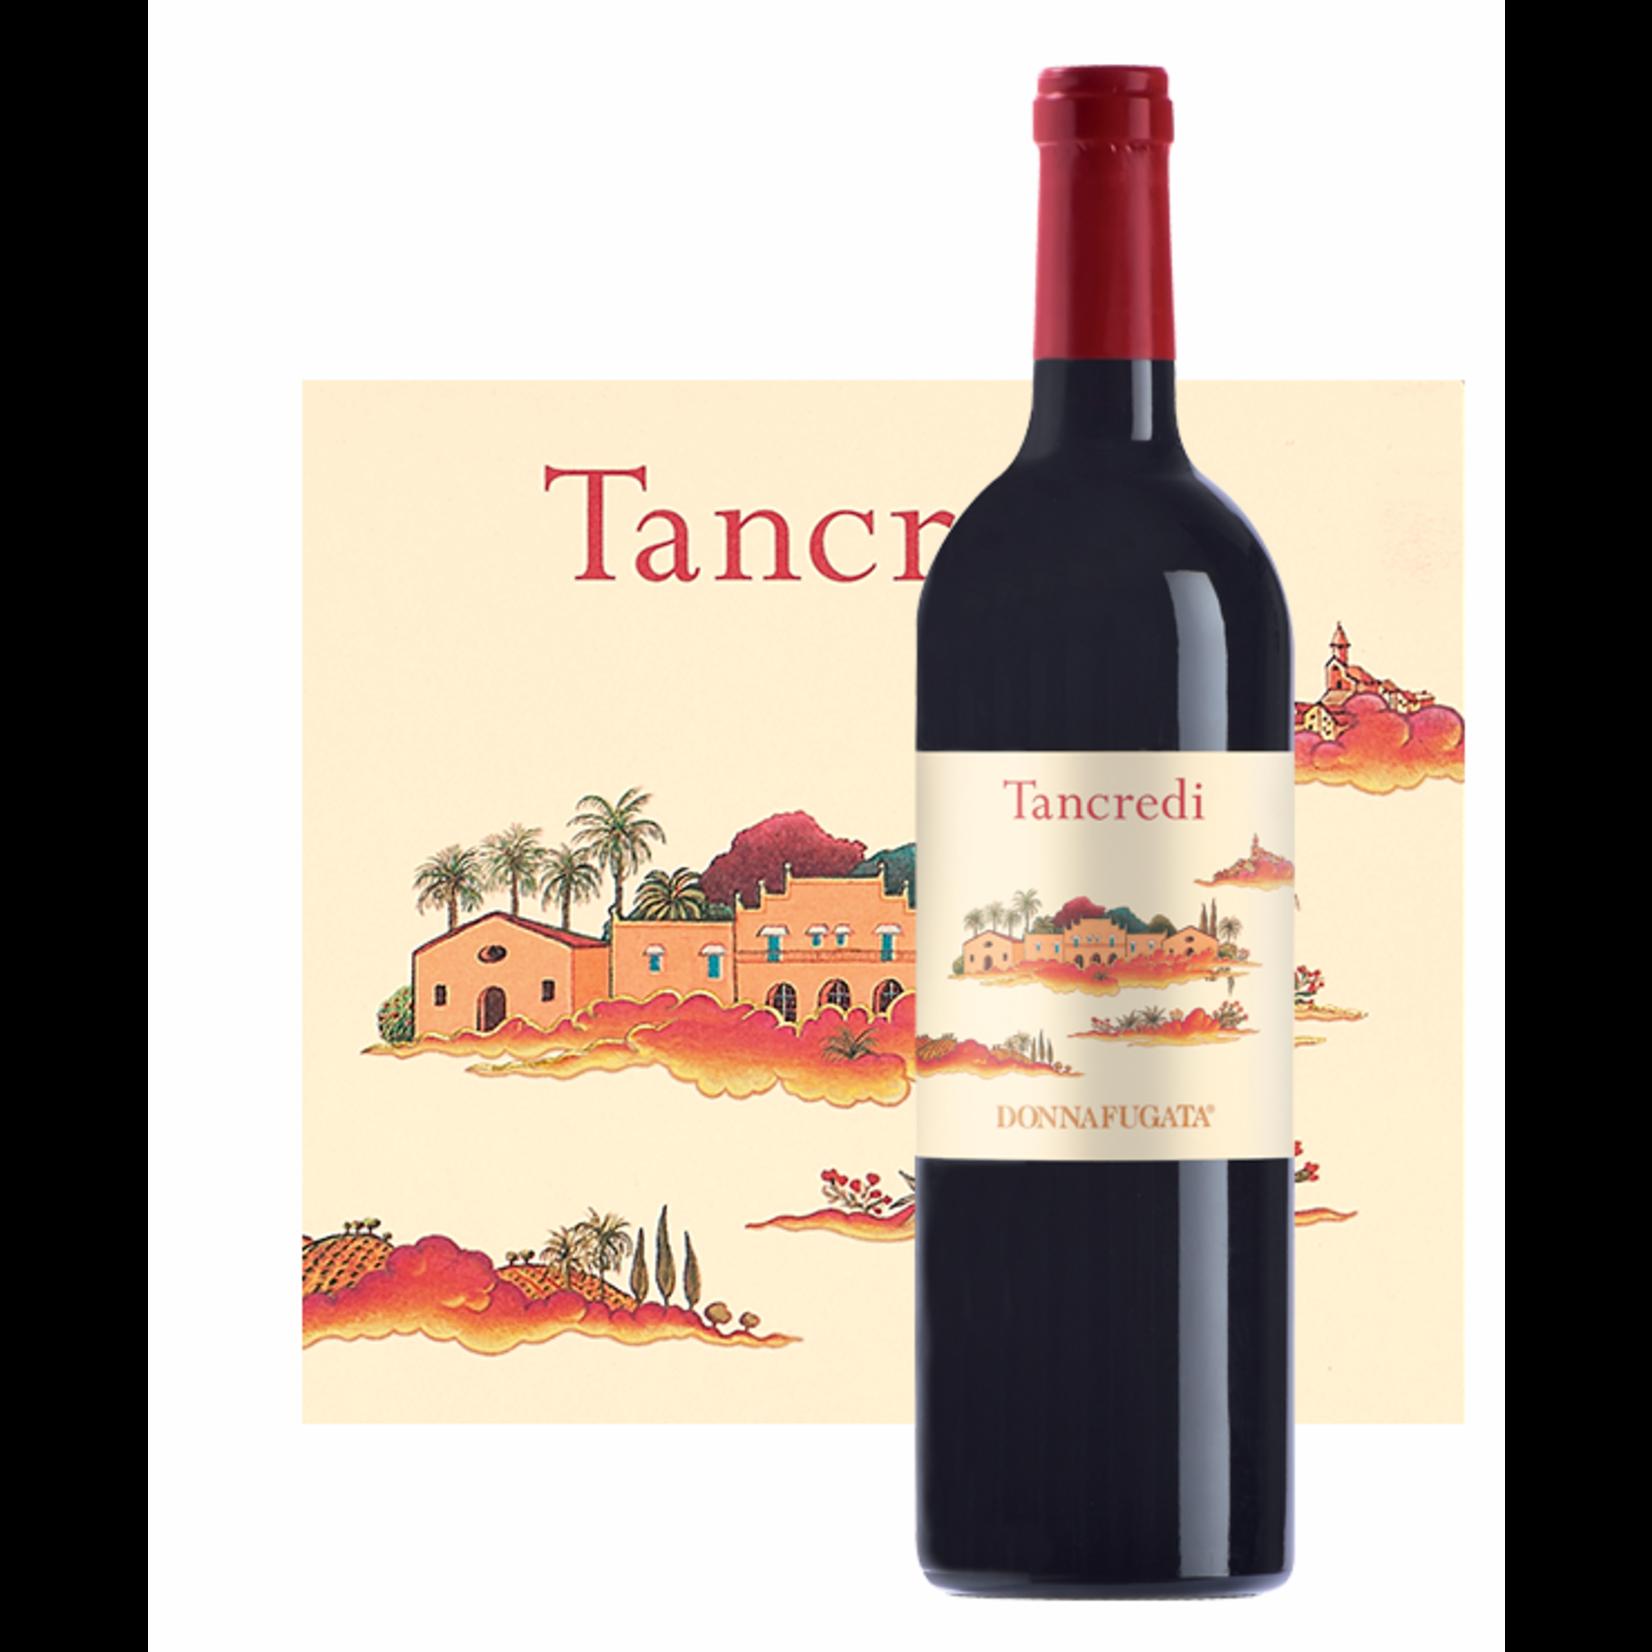 Wine Donnafugata Tancredi Red 2016